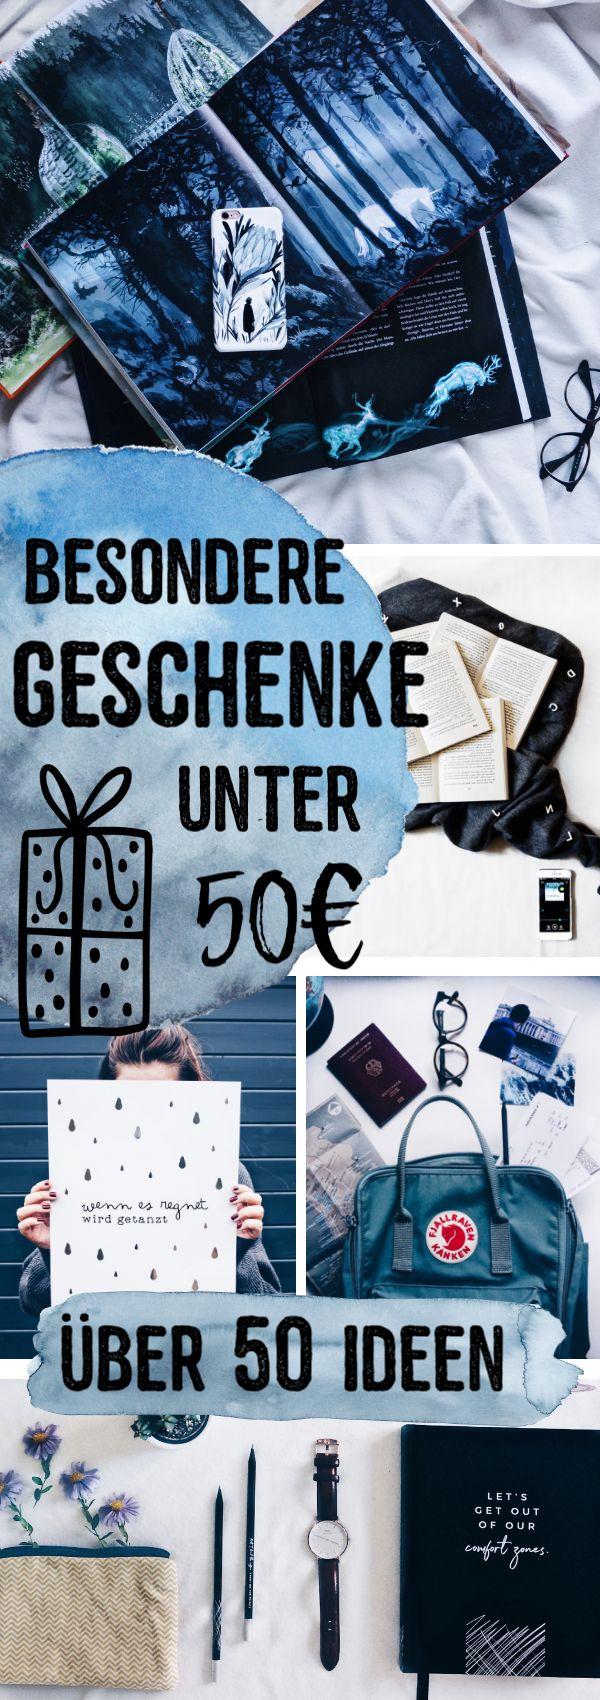 Besondere Geschenke unter 50€ – 50 Ideen für Weihnachten, Geburtstag & mehr